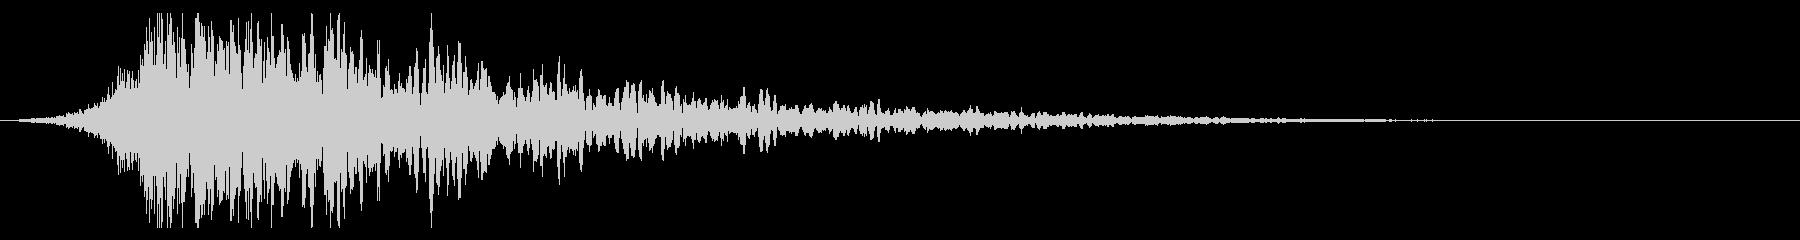 シュードーン-47-1(インパクト音)の未再生の波形